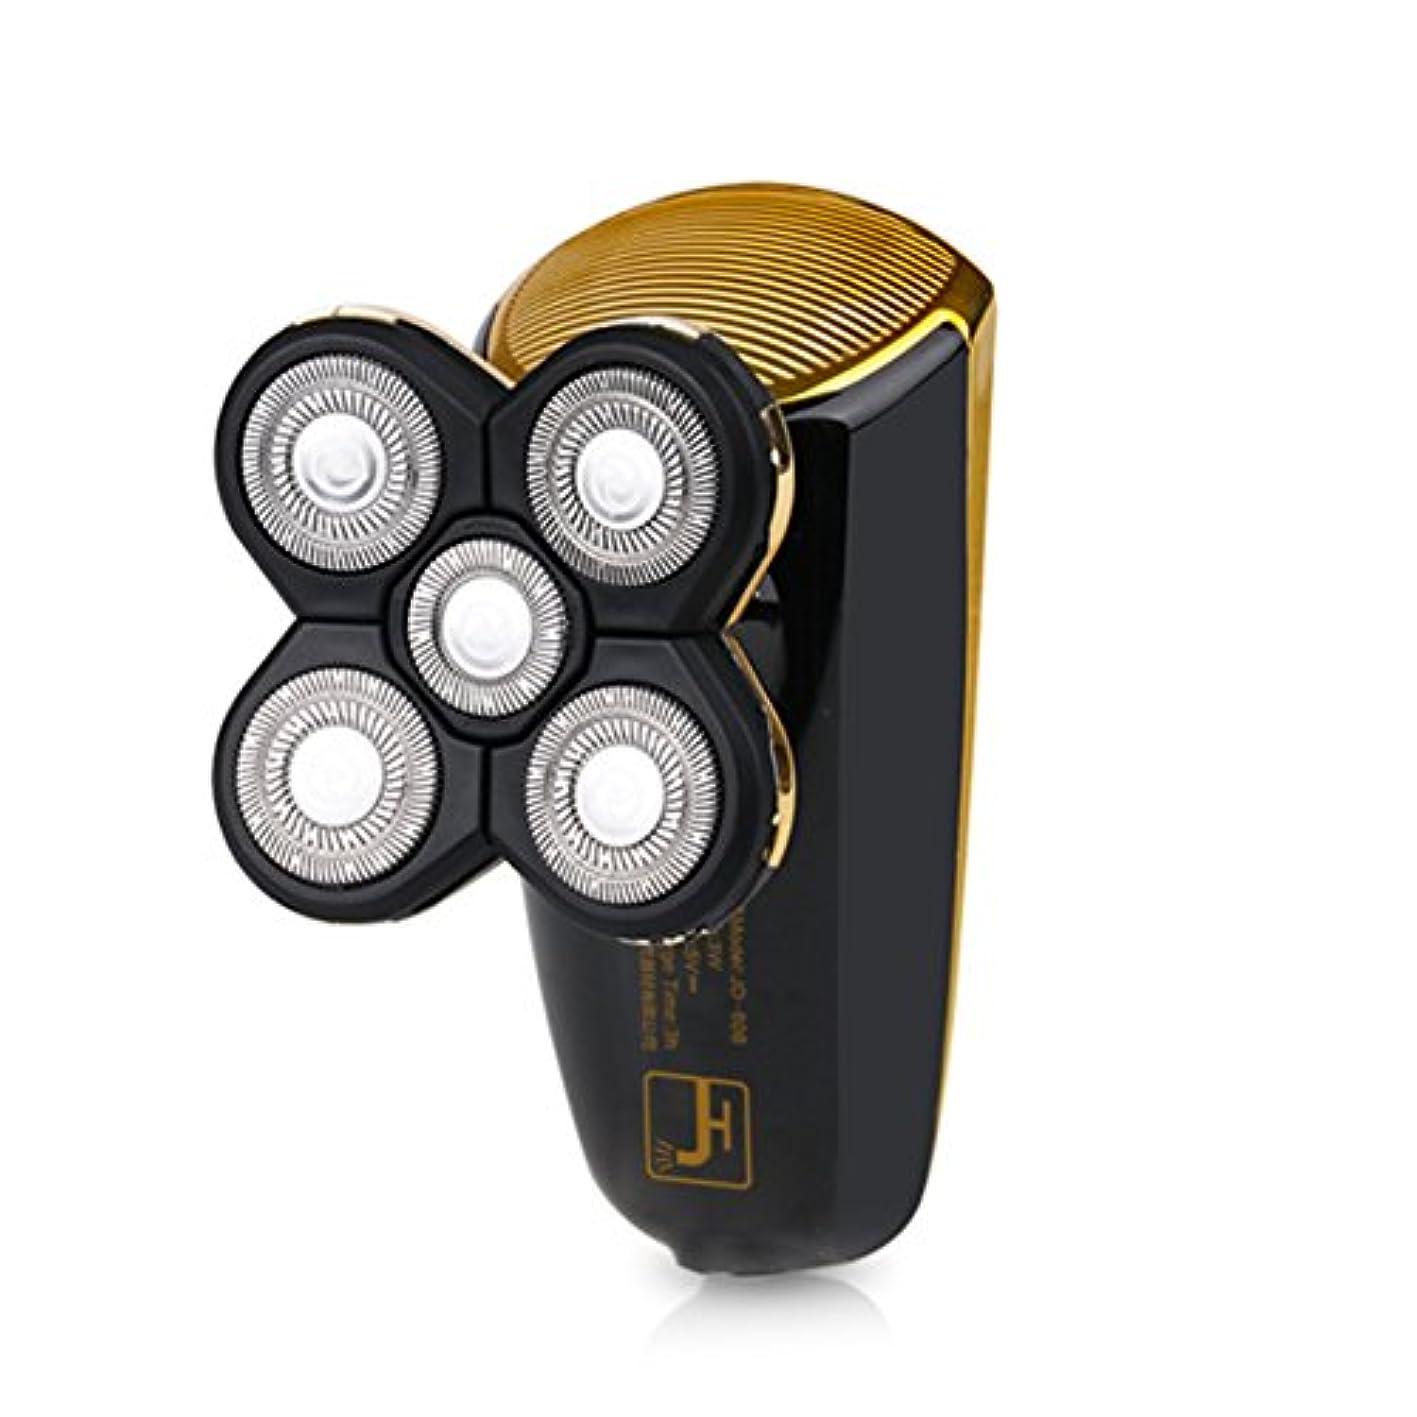 サスペンド寝室芽メンズシェーバー 電気シェーバー 2in1多機能シェーバー 電動ひげ剃り 3Dフローティングヘッド 回転式 トラベルロック付き 坊主頭剃刀 USB充電 丸洗いOK